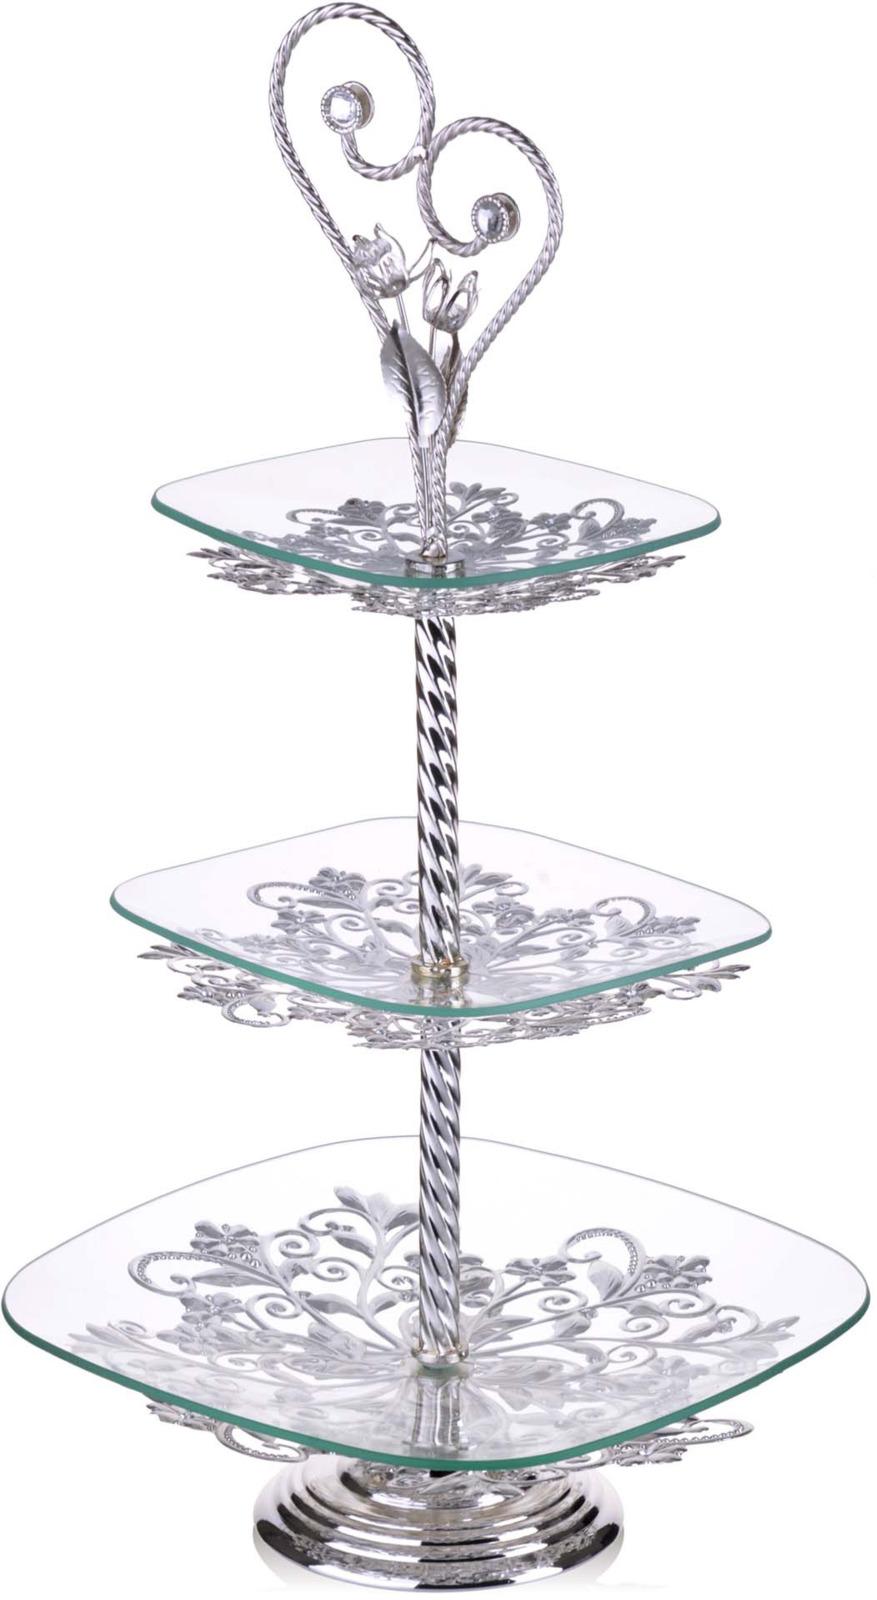 Конфетница Loraine, 3-ярусная, цвет: серебристый, высота 60 см конфетница loraine олива цвет белый зеленый синий